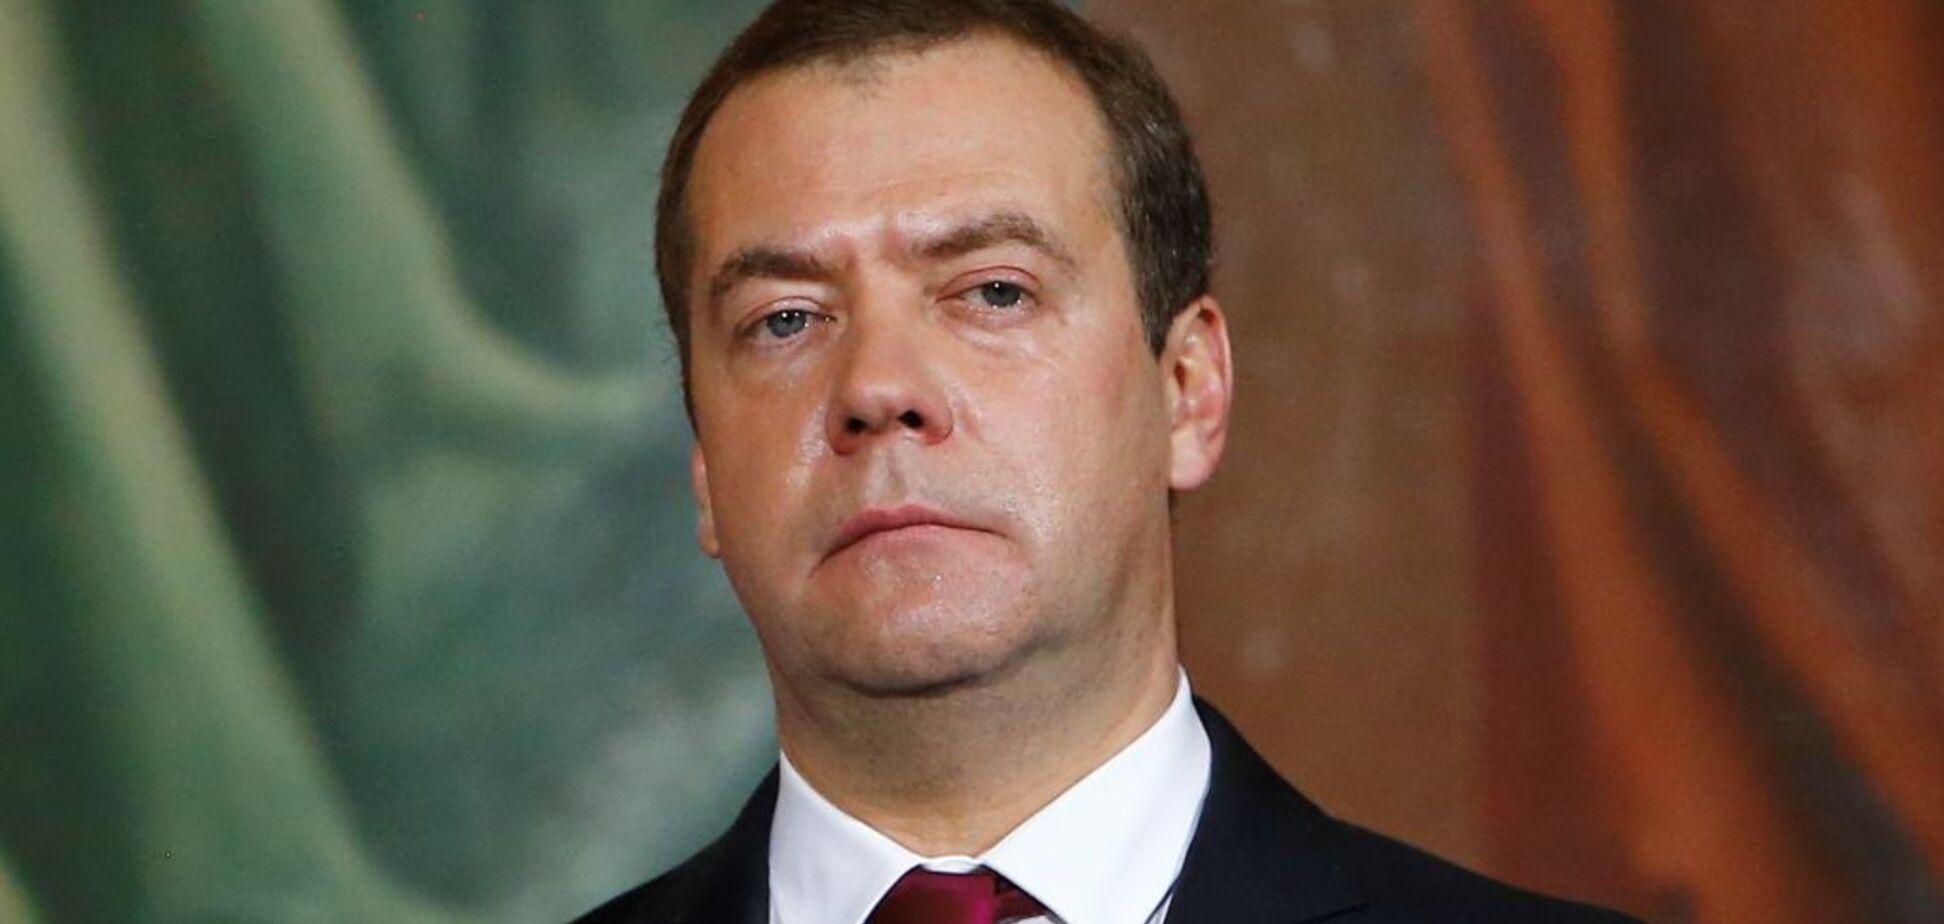 Путин уберет Медведева после выборов: СМИ назвали кандидата